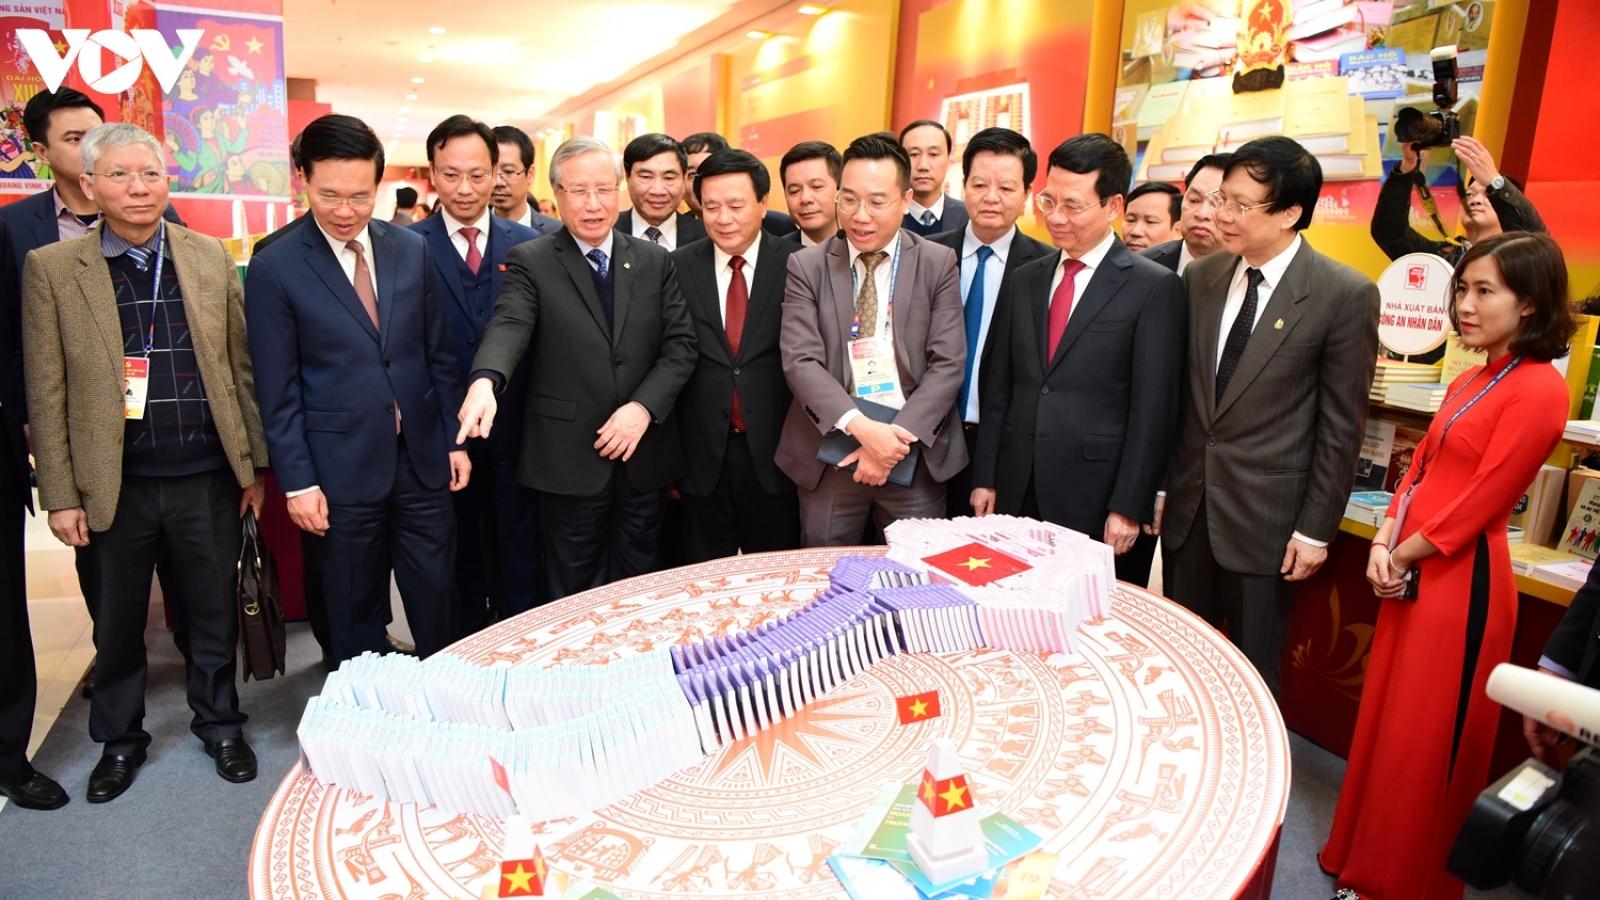 Lãnh đạo Đảng, Nhà nước dự khai mạc trưng bày sách, ảnh chào mừng Đại hội XIII